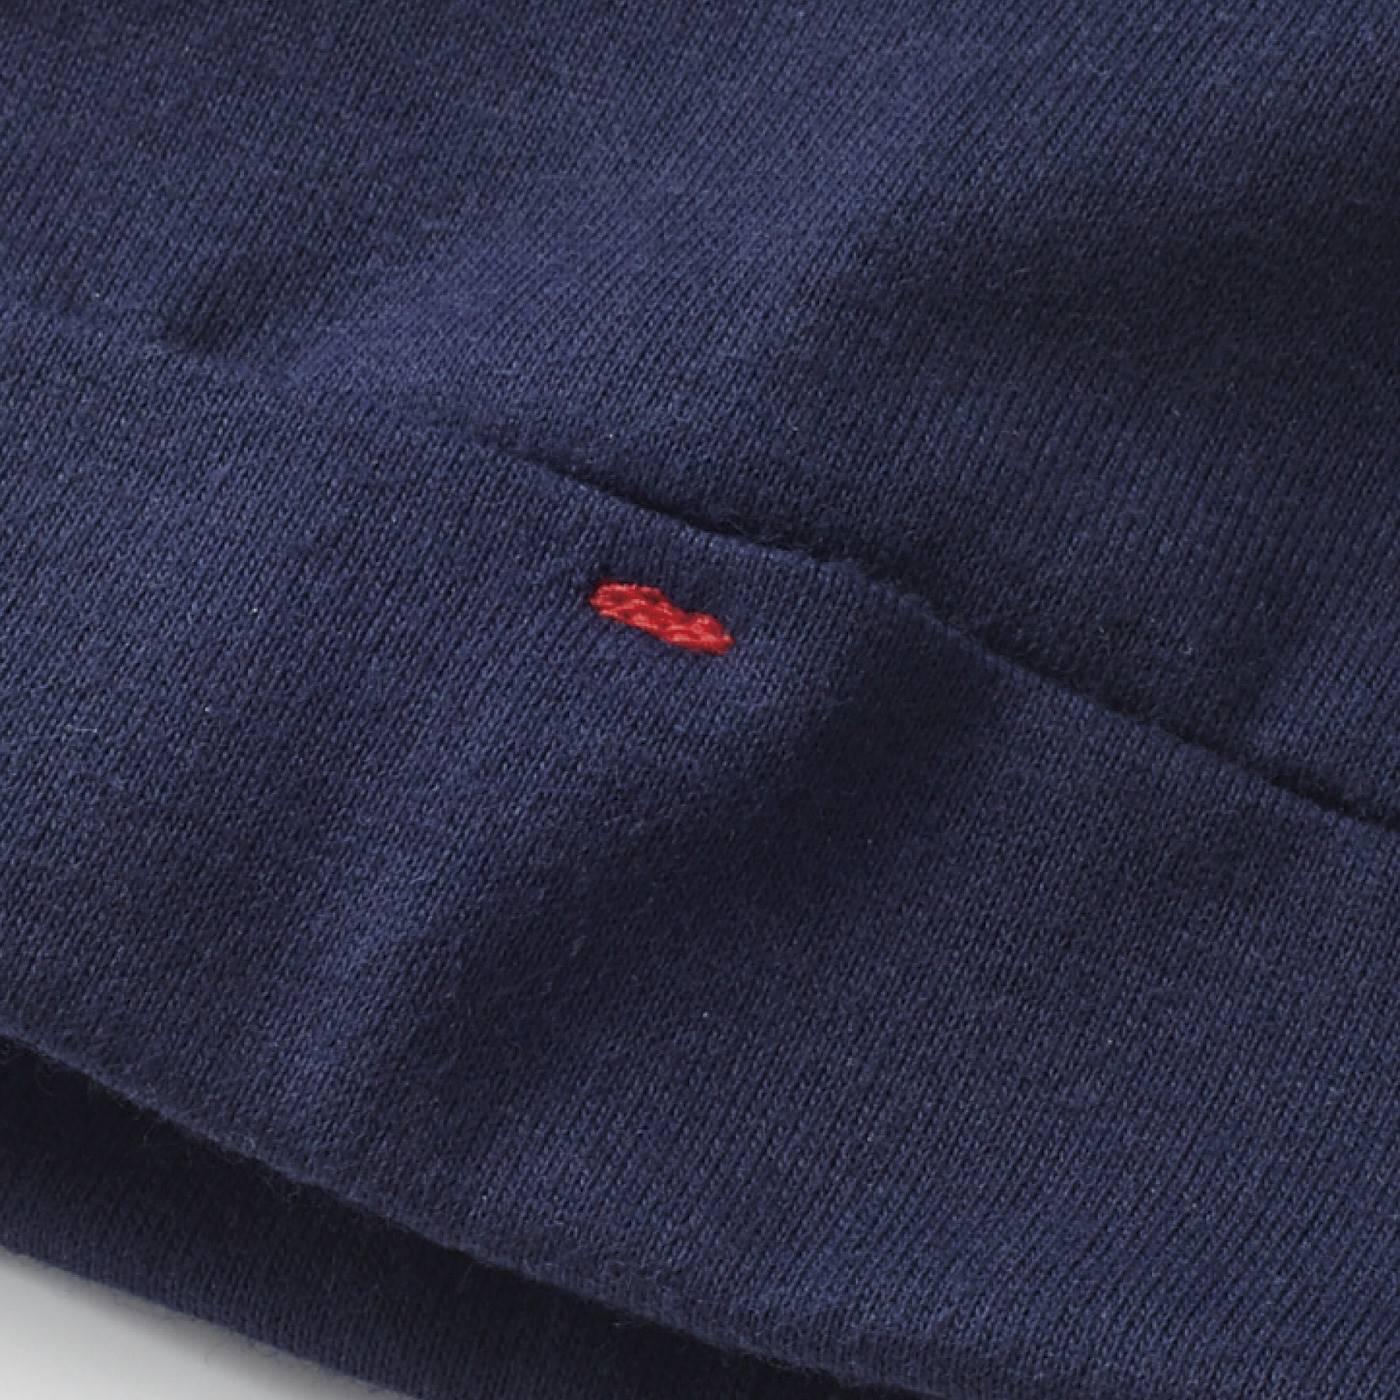 袖口には配色ステッチのアクセント。